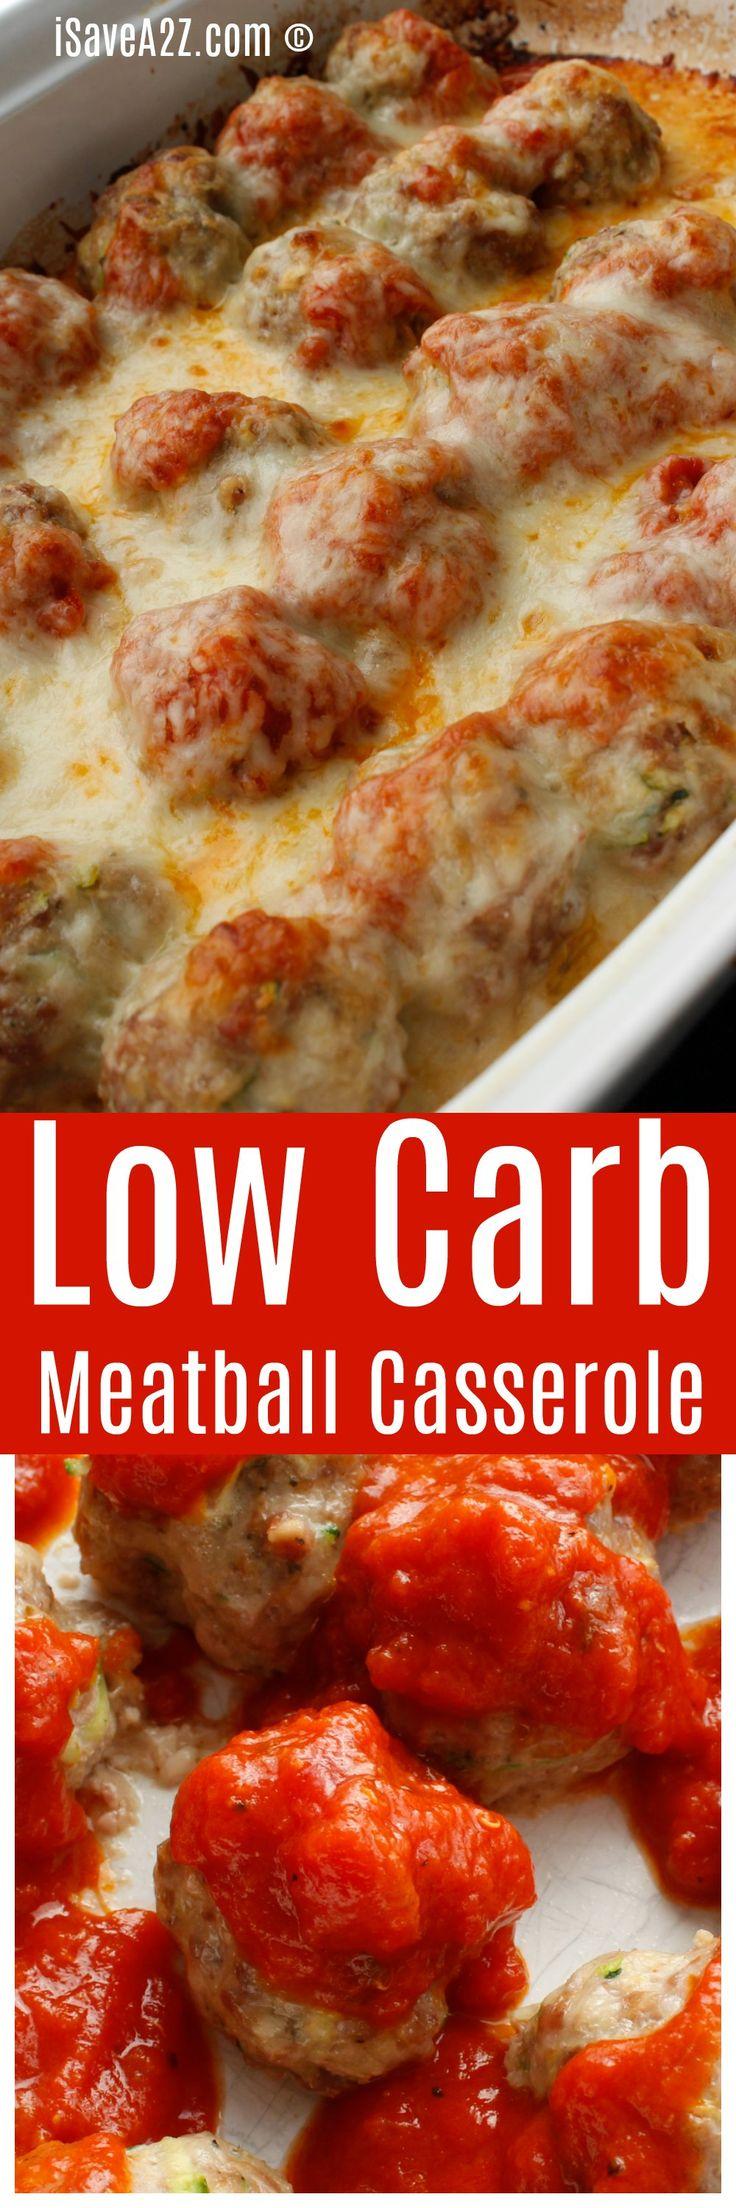 Low Carb Meatball Casserole Recipe via @isavea2z